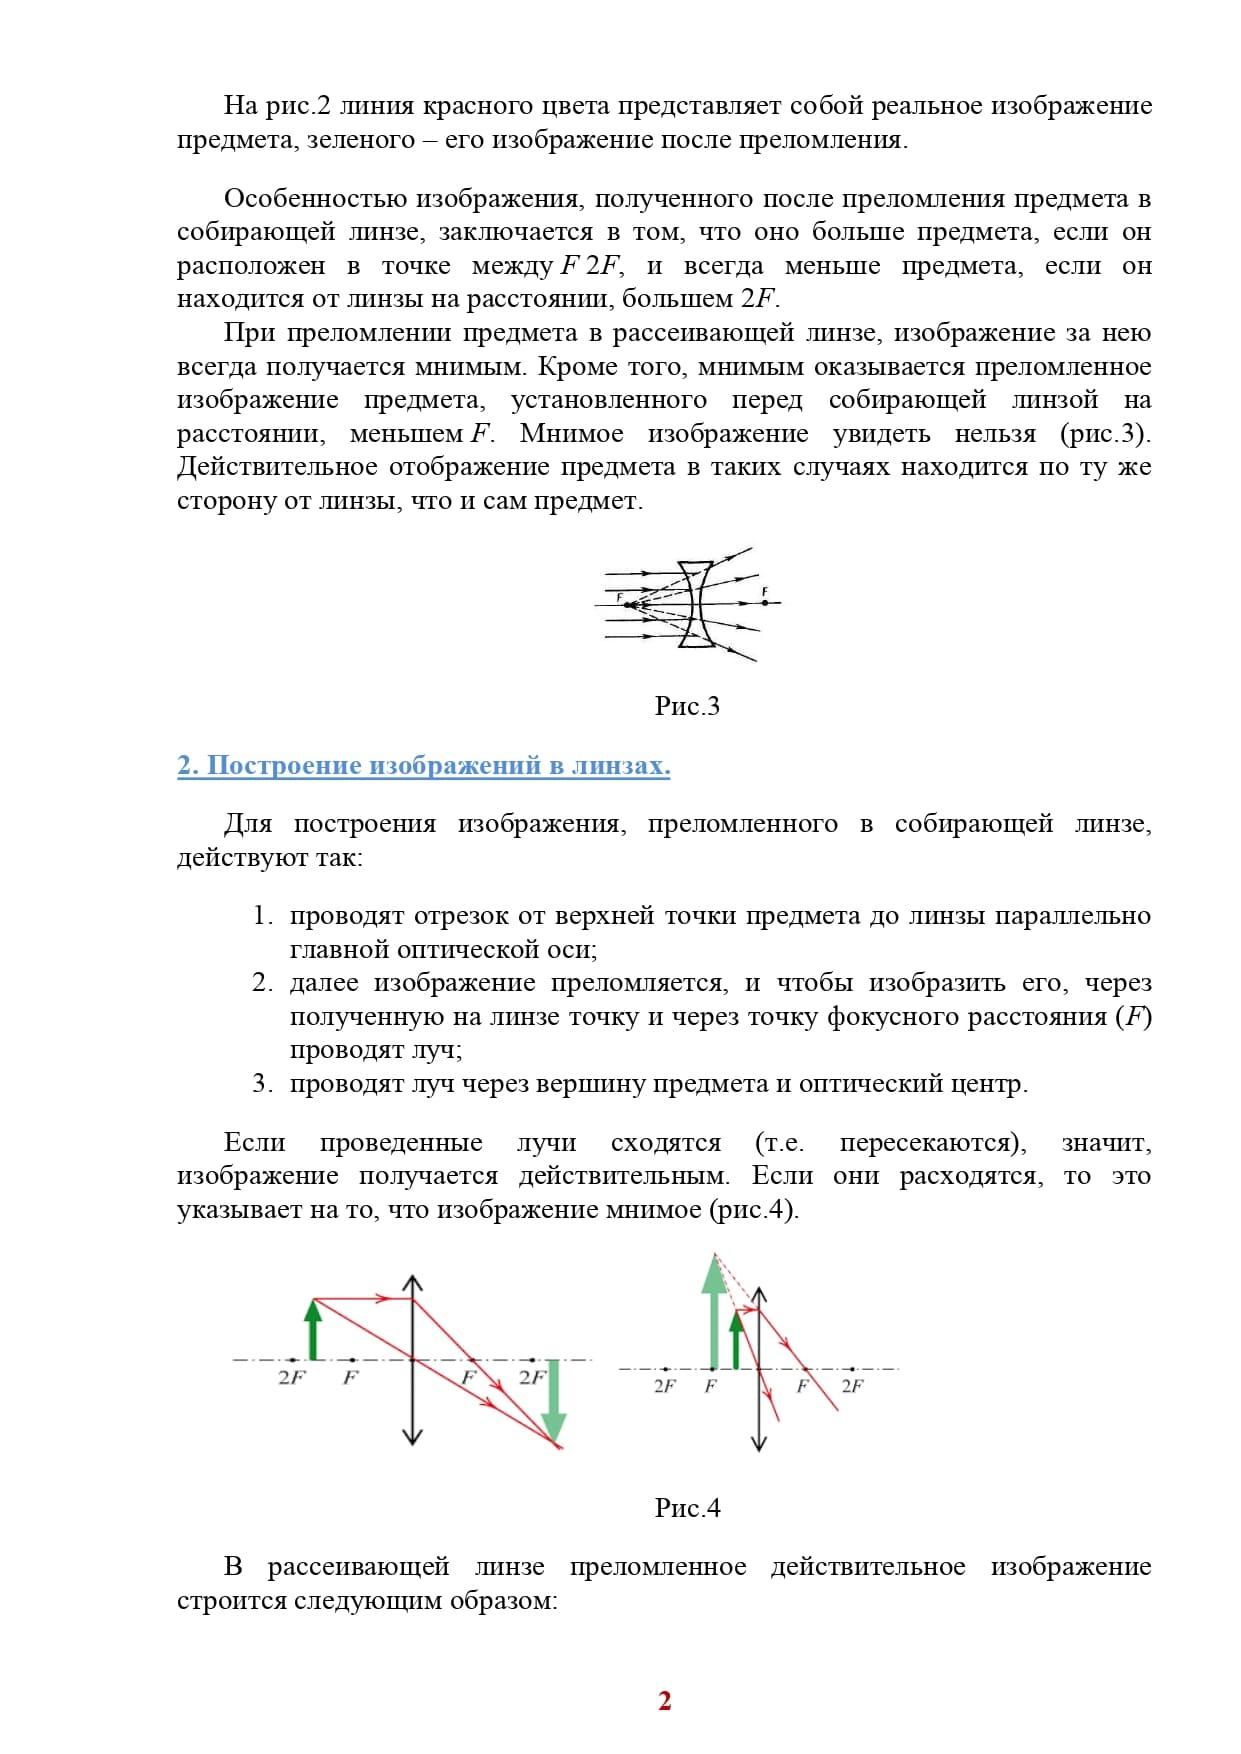 Готовимся к ОГЭ. Физика. 9 класс. Опора №9 страница 2